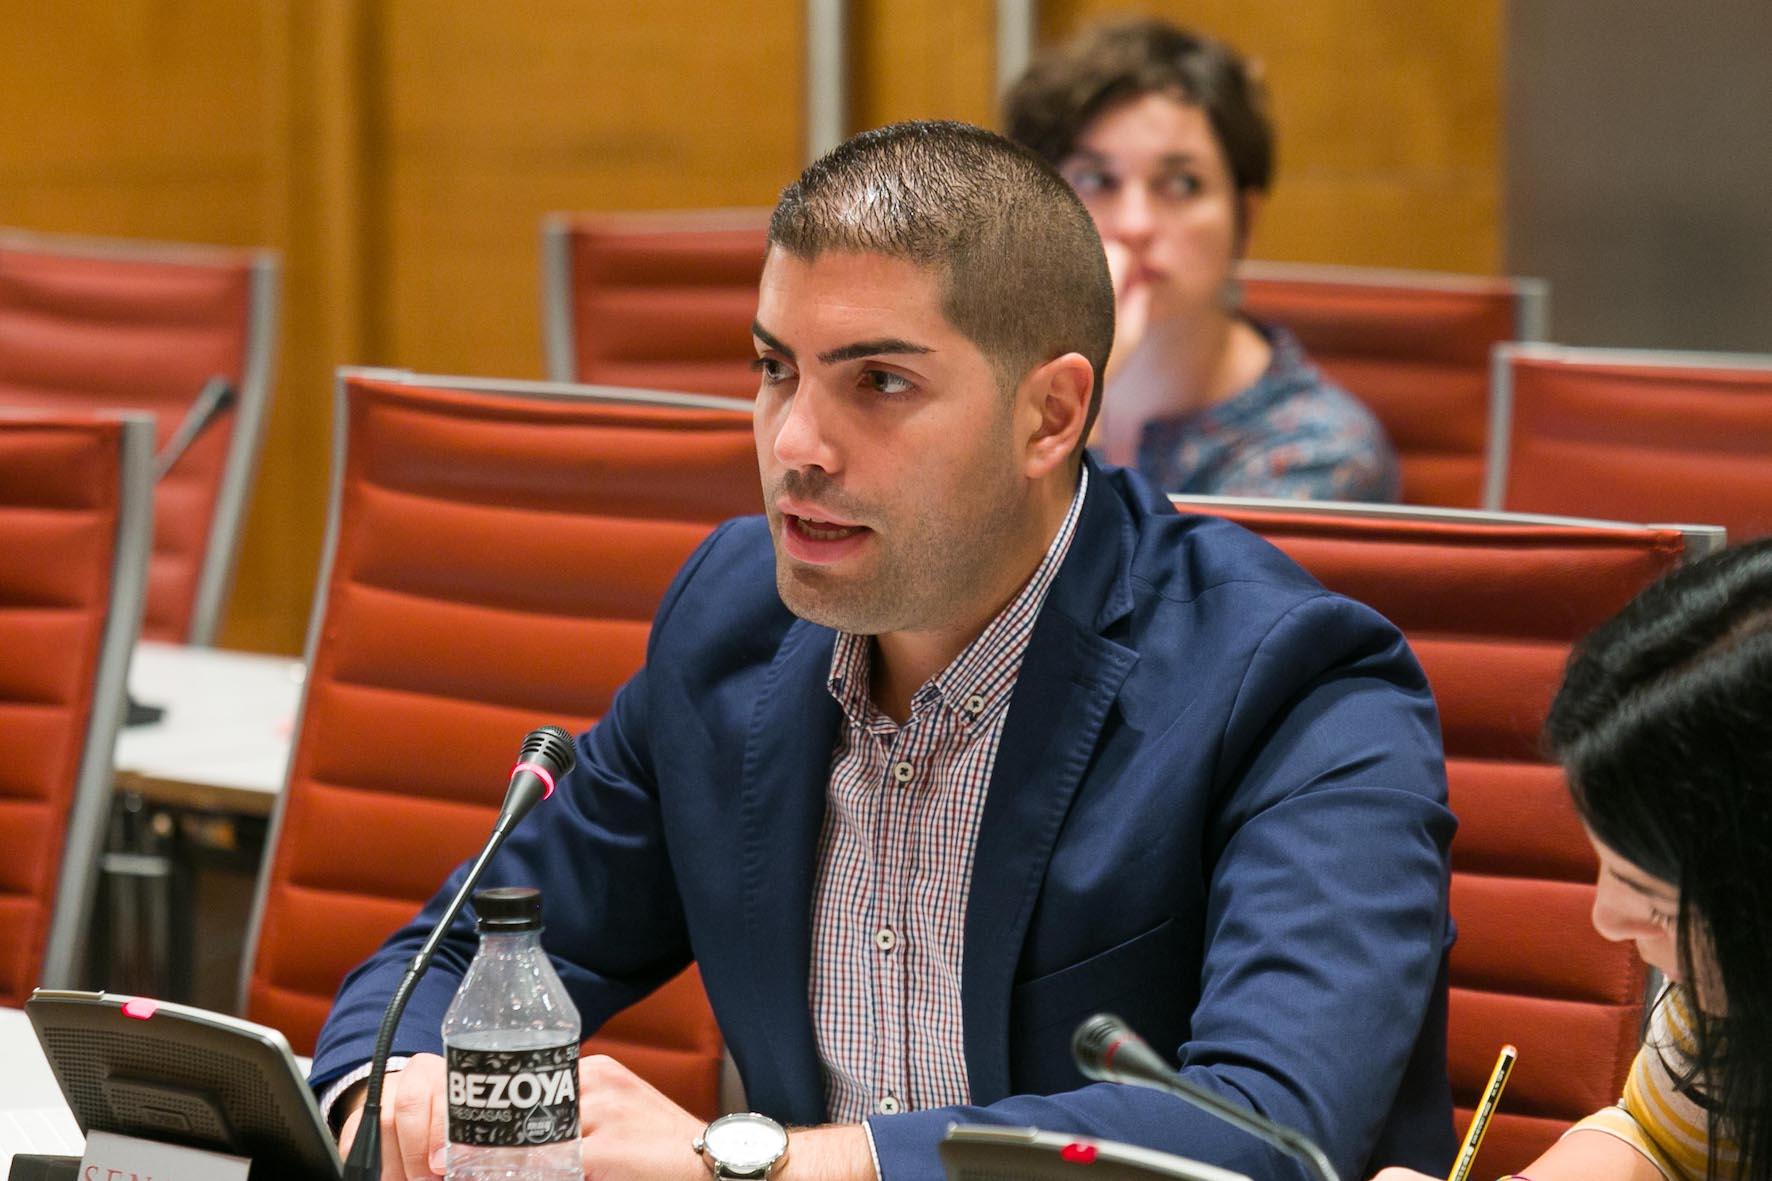 Rodríguez Cejas lamenta la insensibilidad del Grupo Popular tras rechazar una moción para abaratar los trámites del pasaporte a los españoles residentes en Venezuela